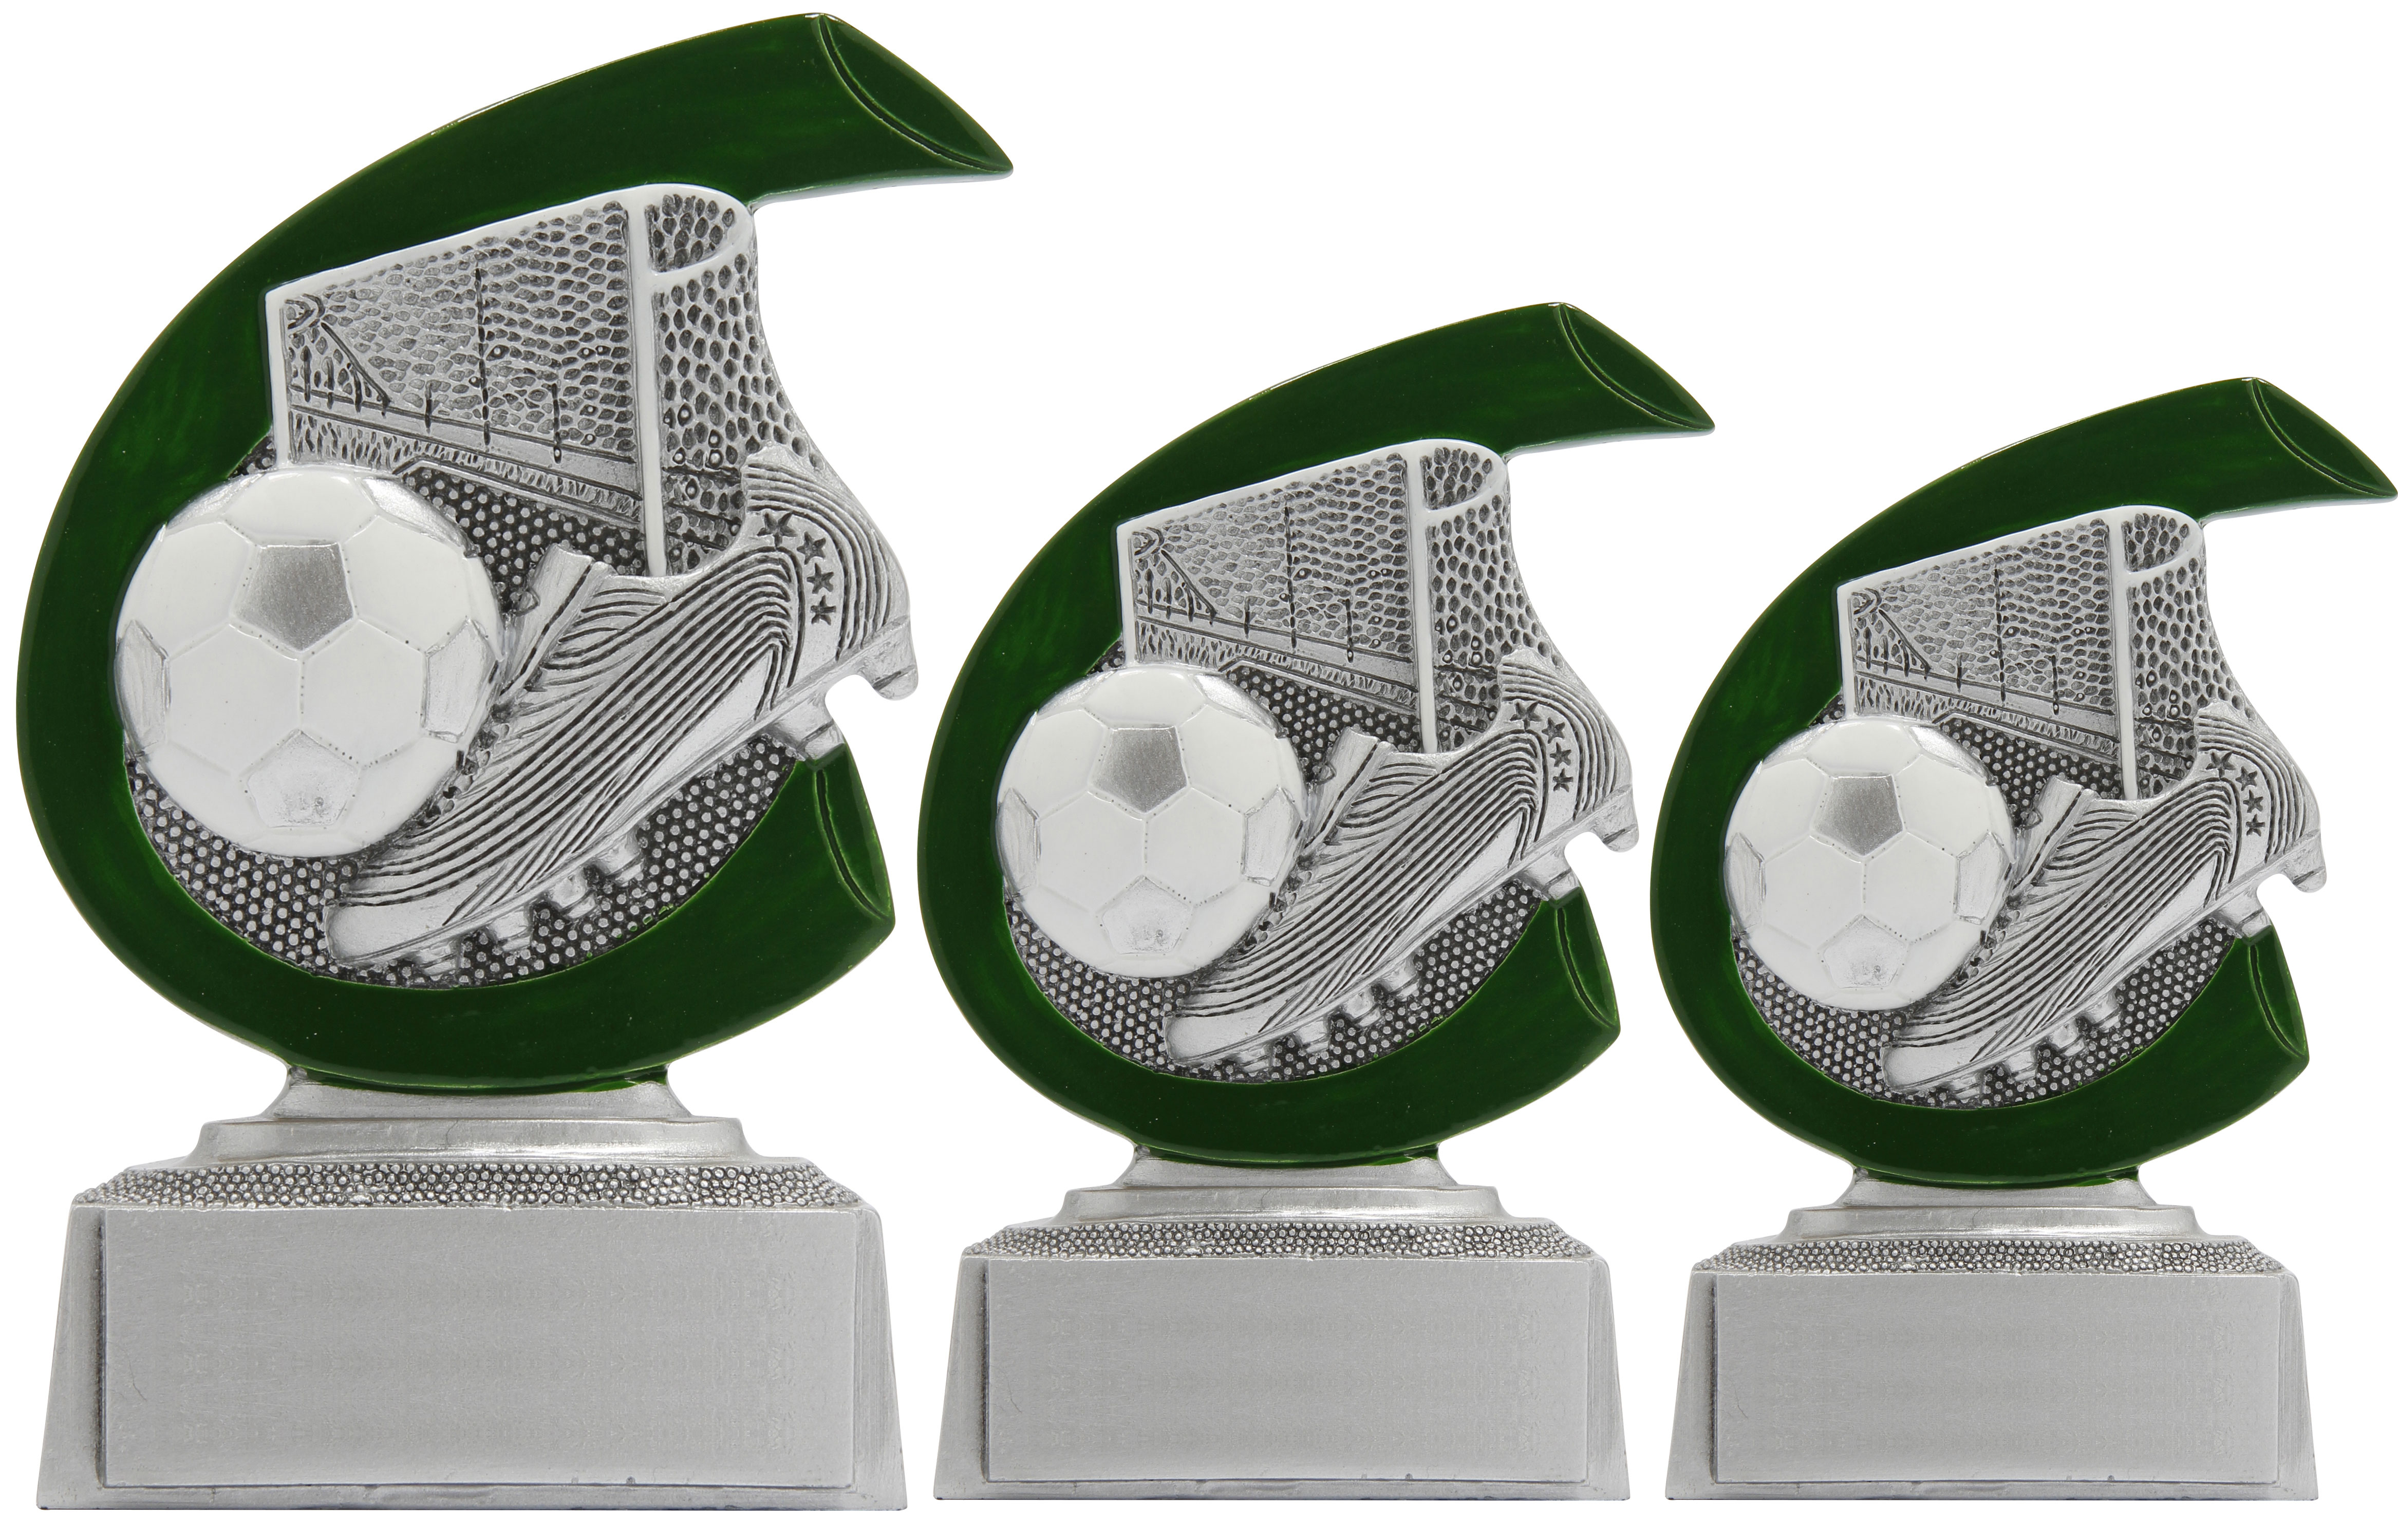 Fußball Trophäen 3er Serie Figuren Pokal ohne Emblem